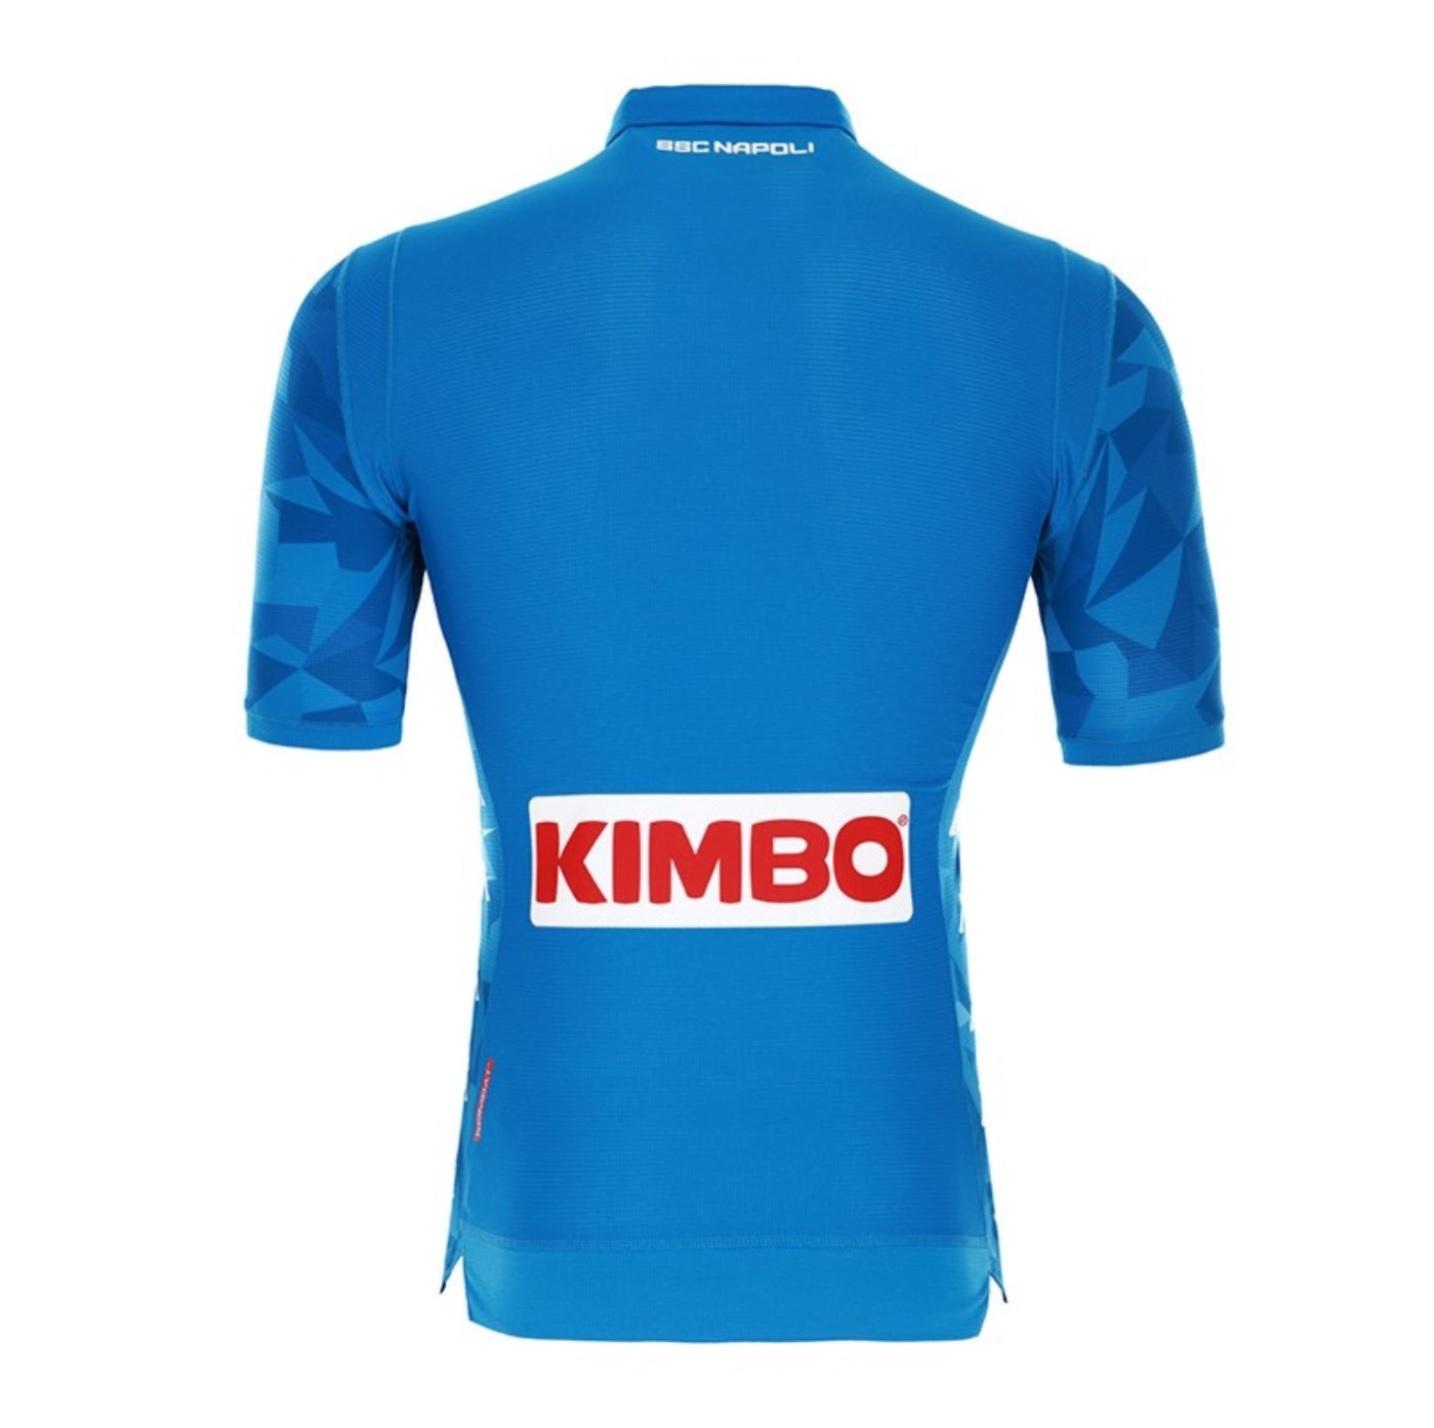 051d0eec30 O uniforme já está à venda nas lojas oficiais do clube na web.